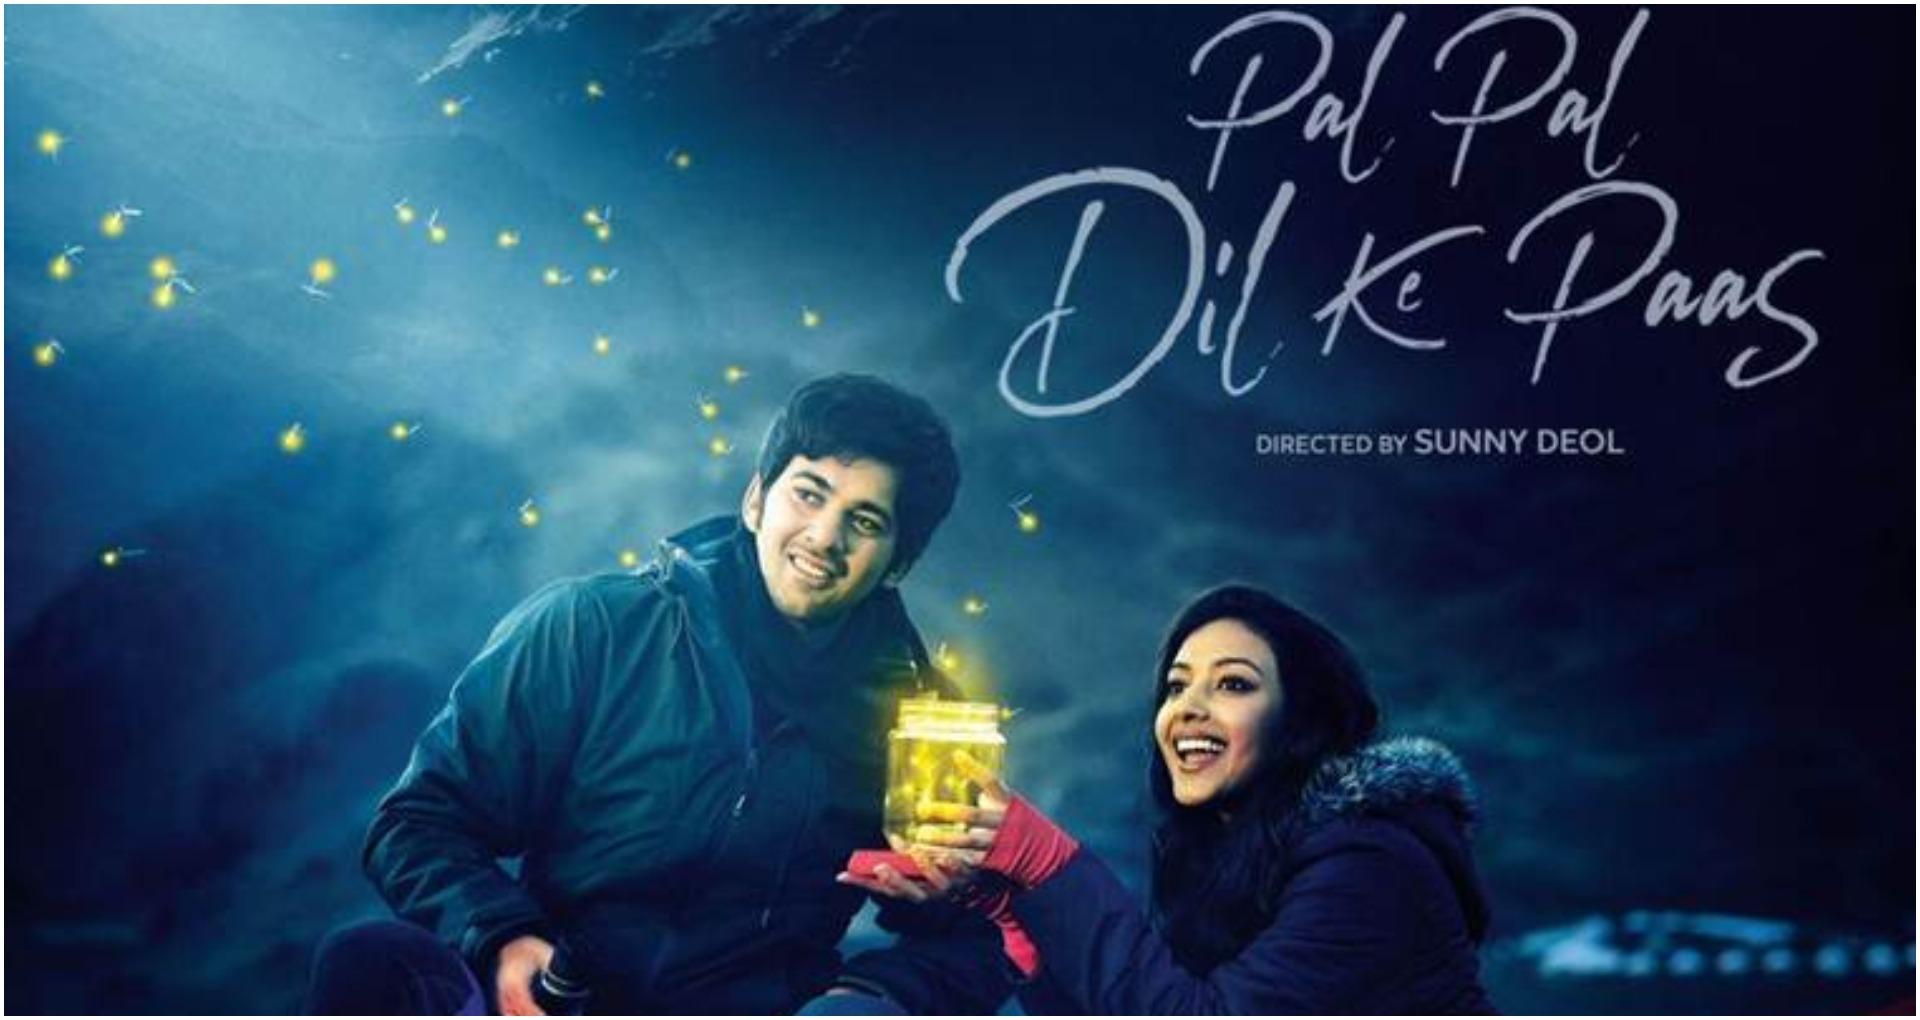 वैलेंटाइन डे पर रिलीज हुआ सनीदेओल के बेटेकी फिल्म का मोशन पोस्टर,पल पल दिल के पास का पोस्टरदिल तक पहुंचा ?